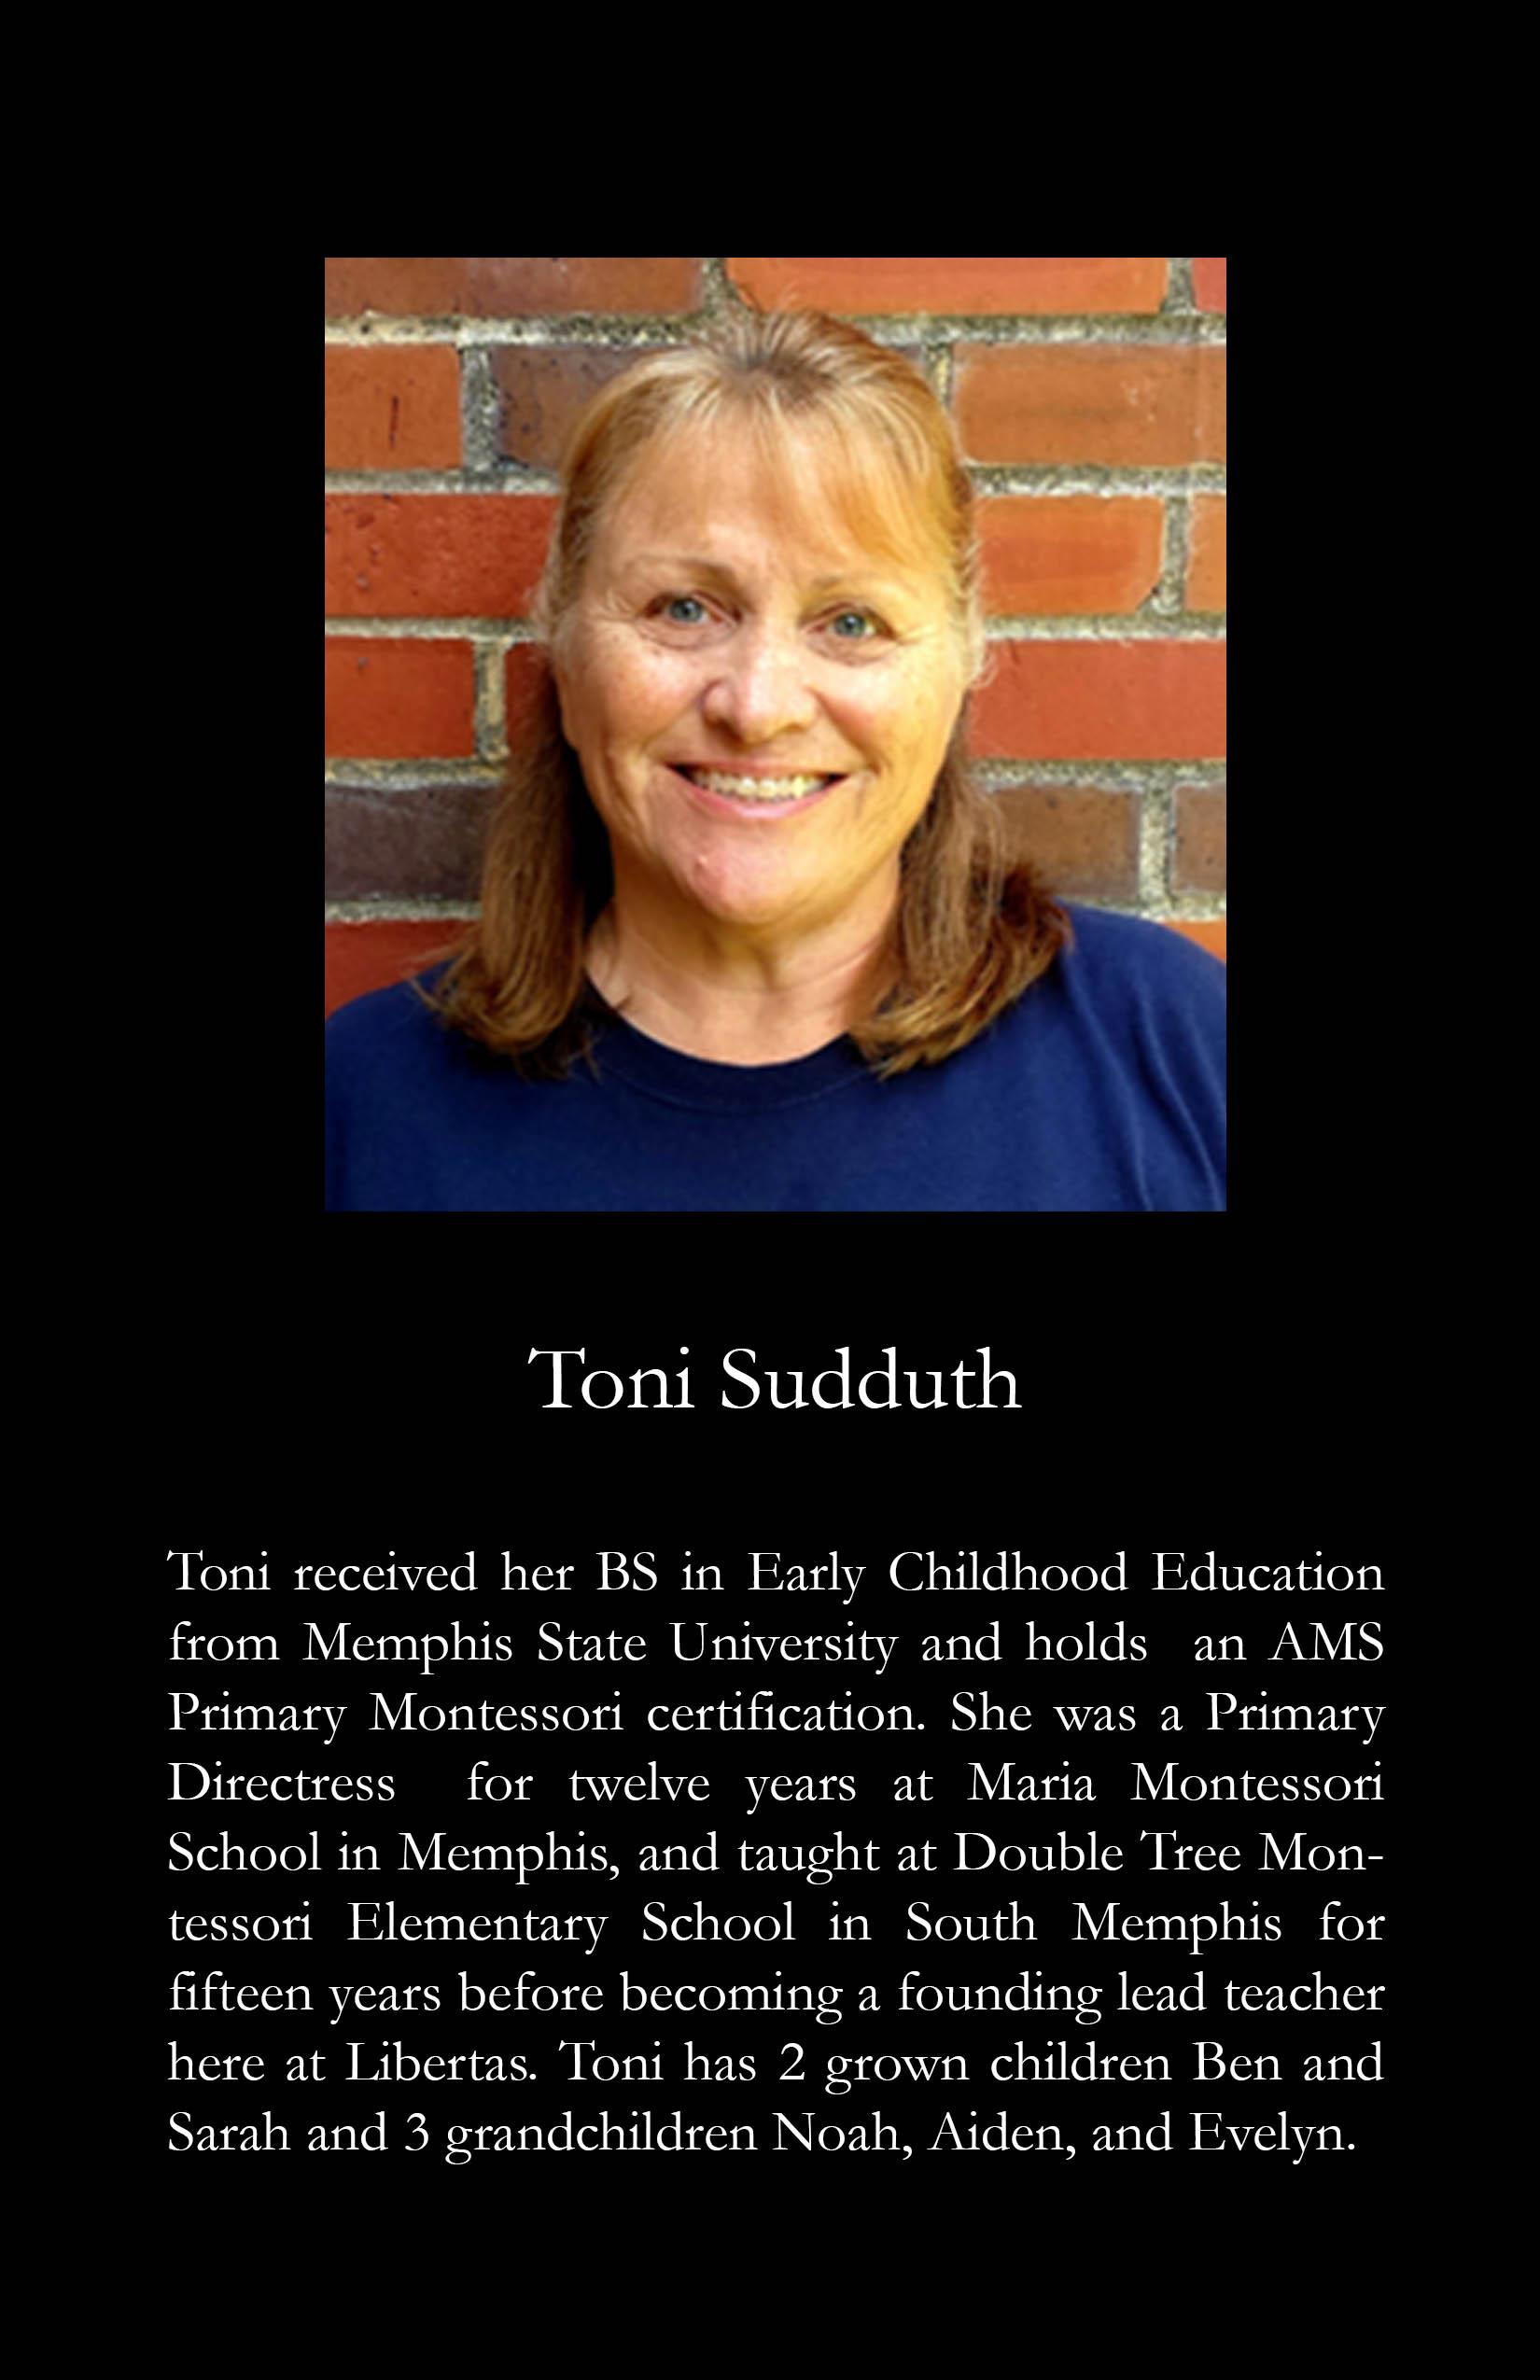 Toni Sudduth.jpg